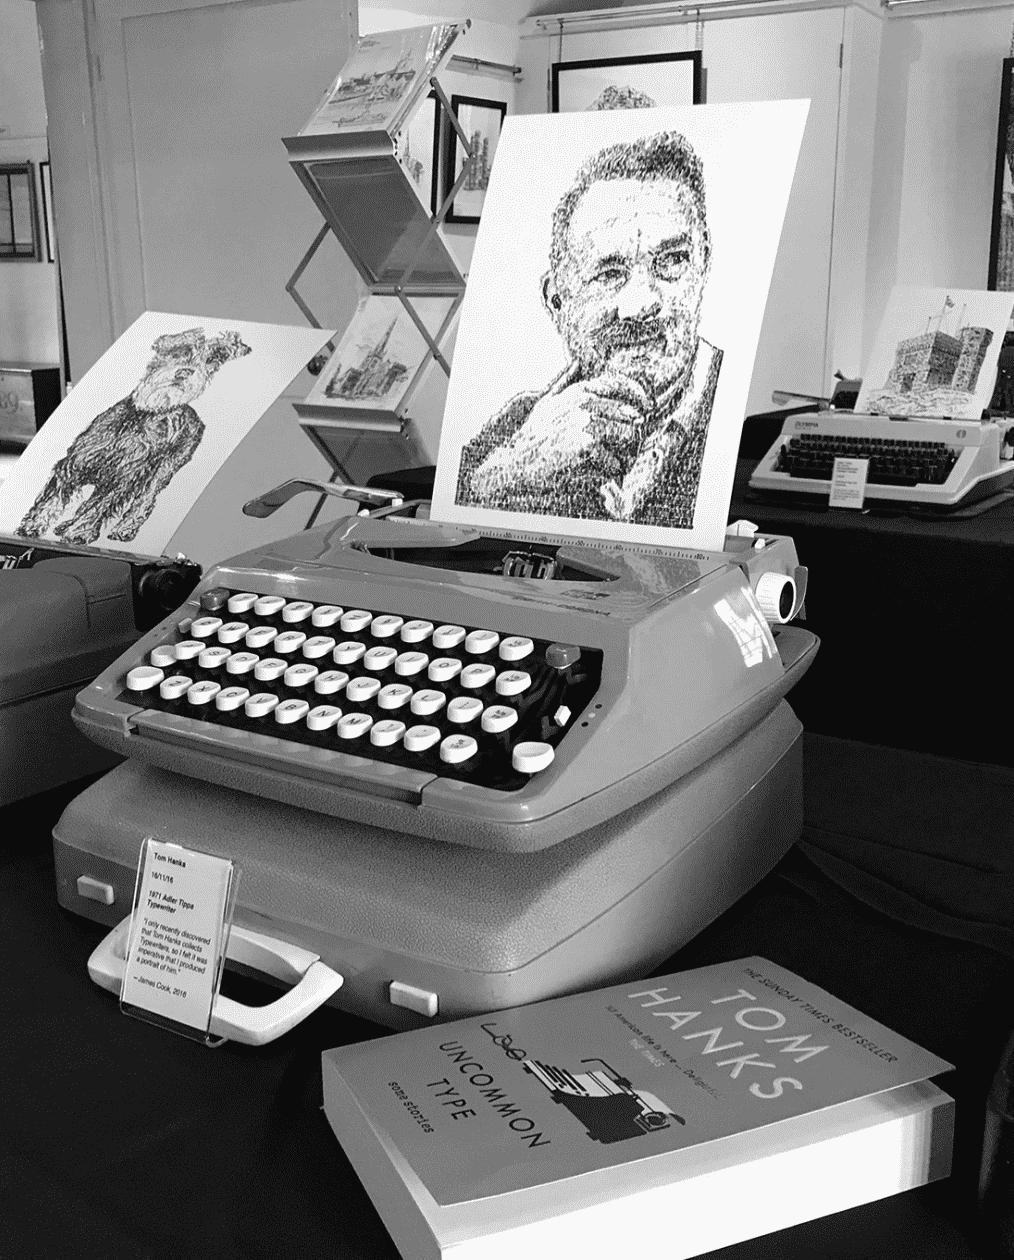 etratos maquina de escribir james cook